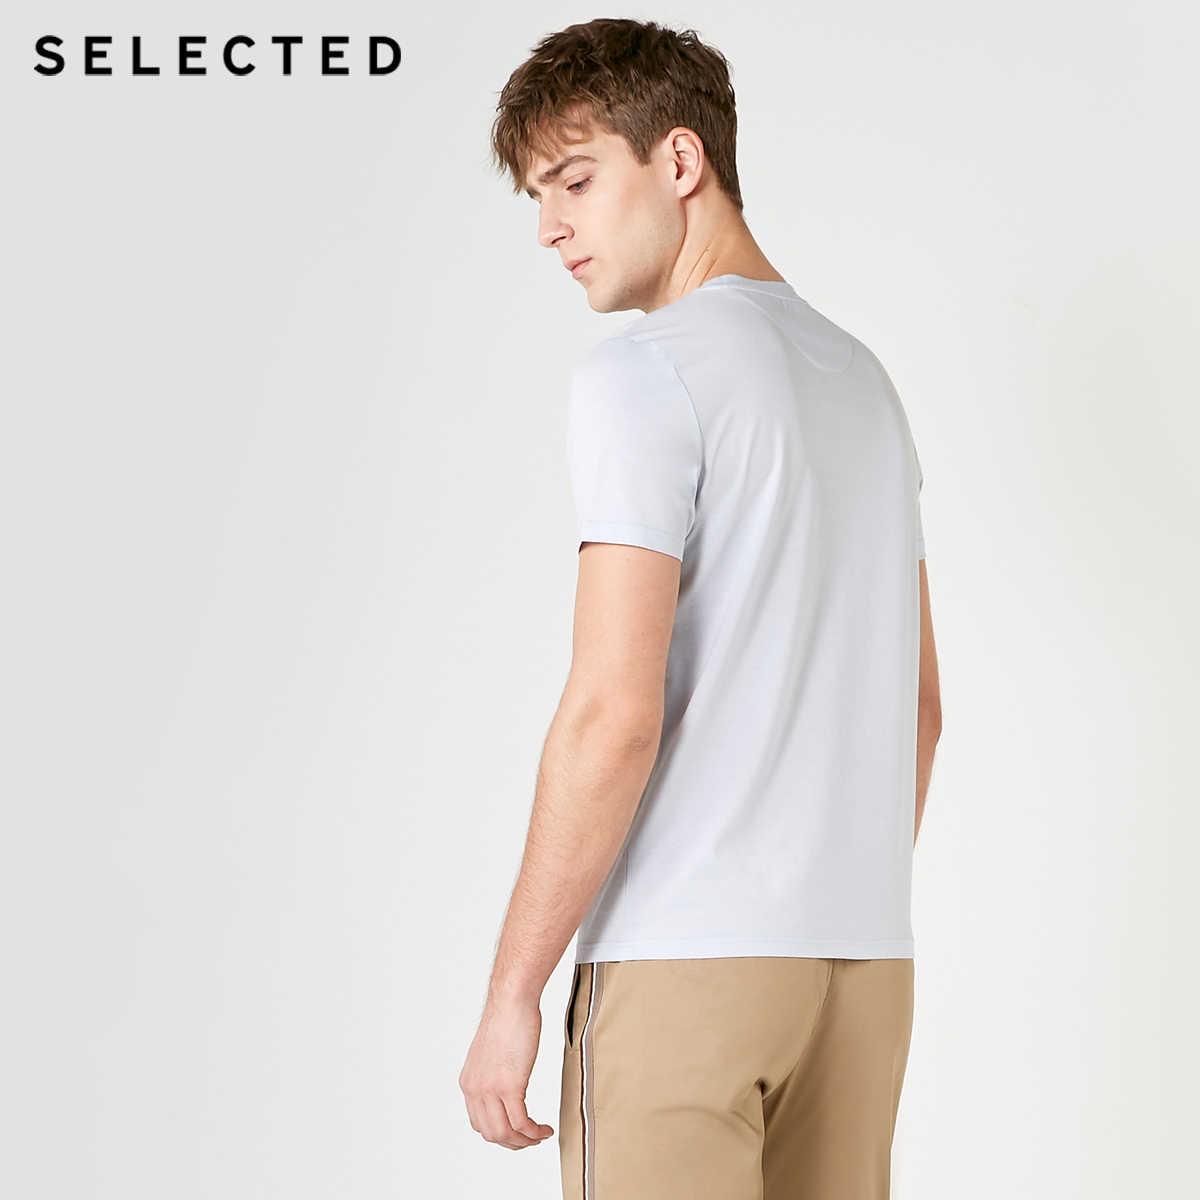 選択された男性の夏の綿 100% の文字プリント半袖 Tシャツ S | 419201514